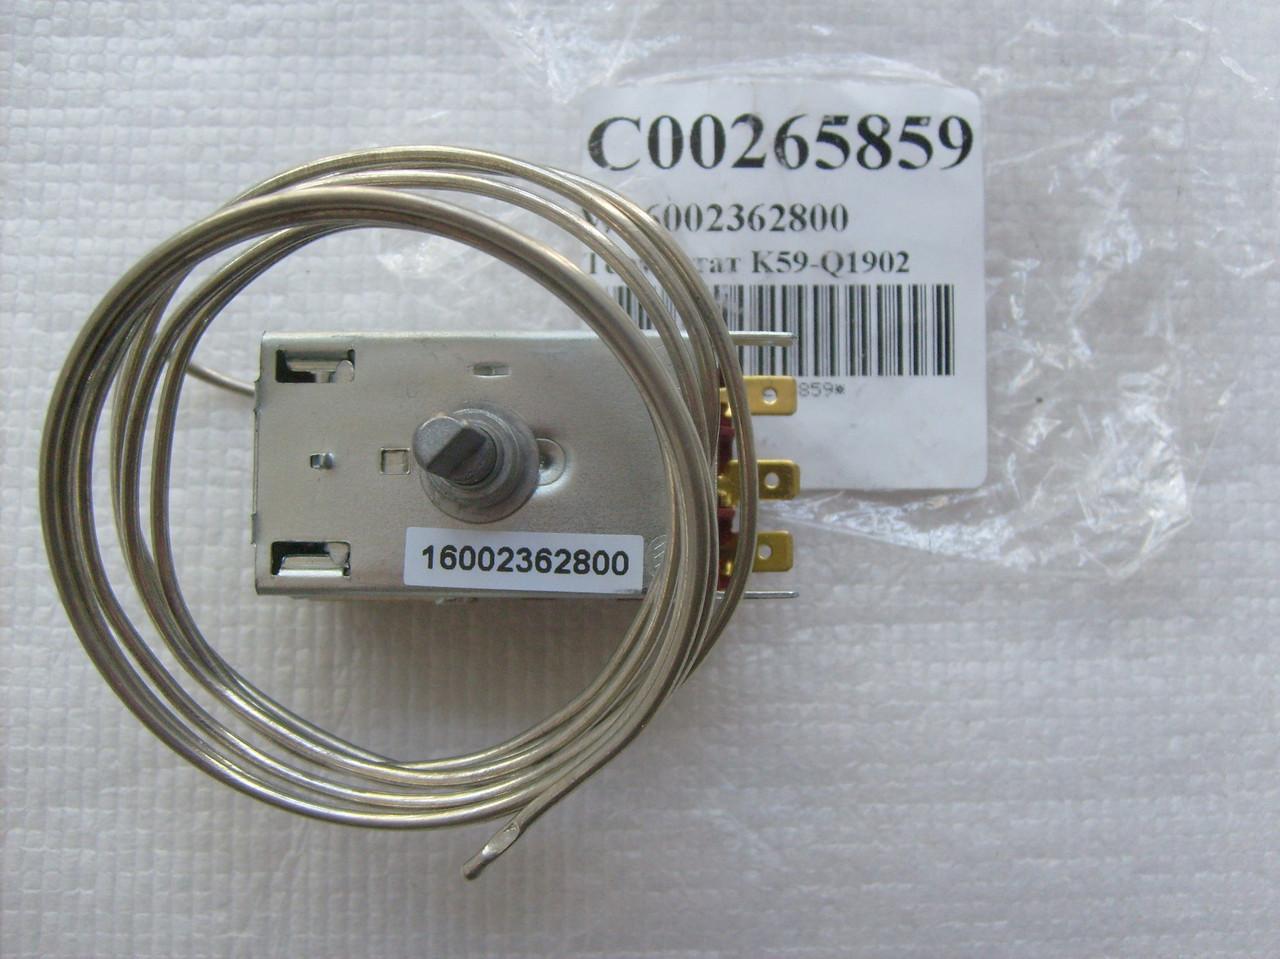 Термостат холодильника Indesit C00265859